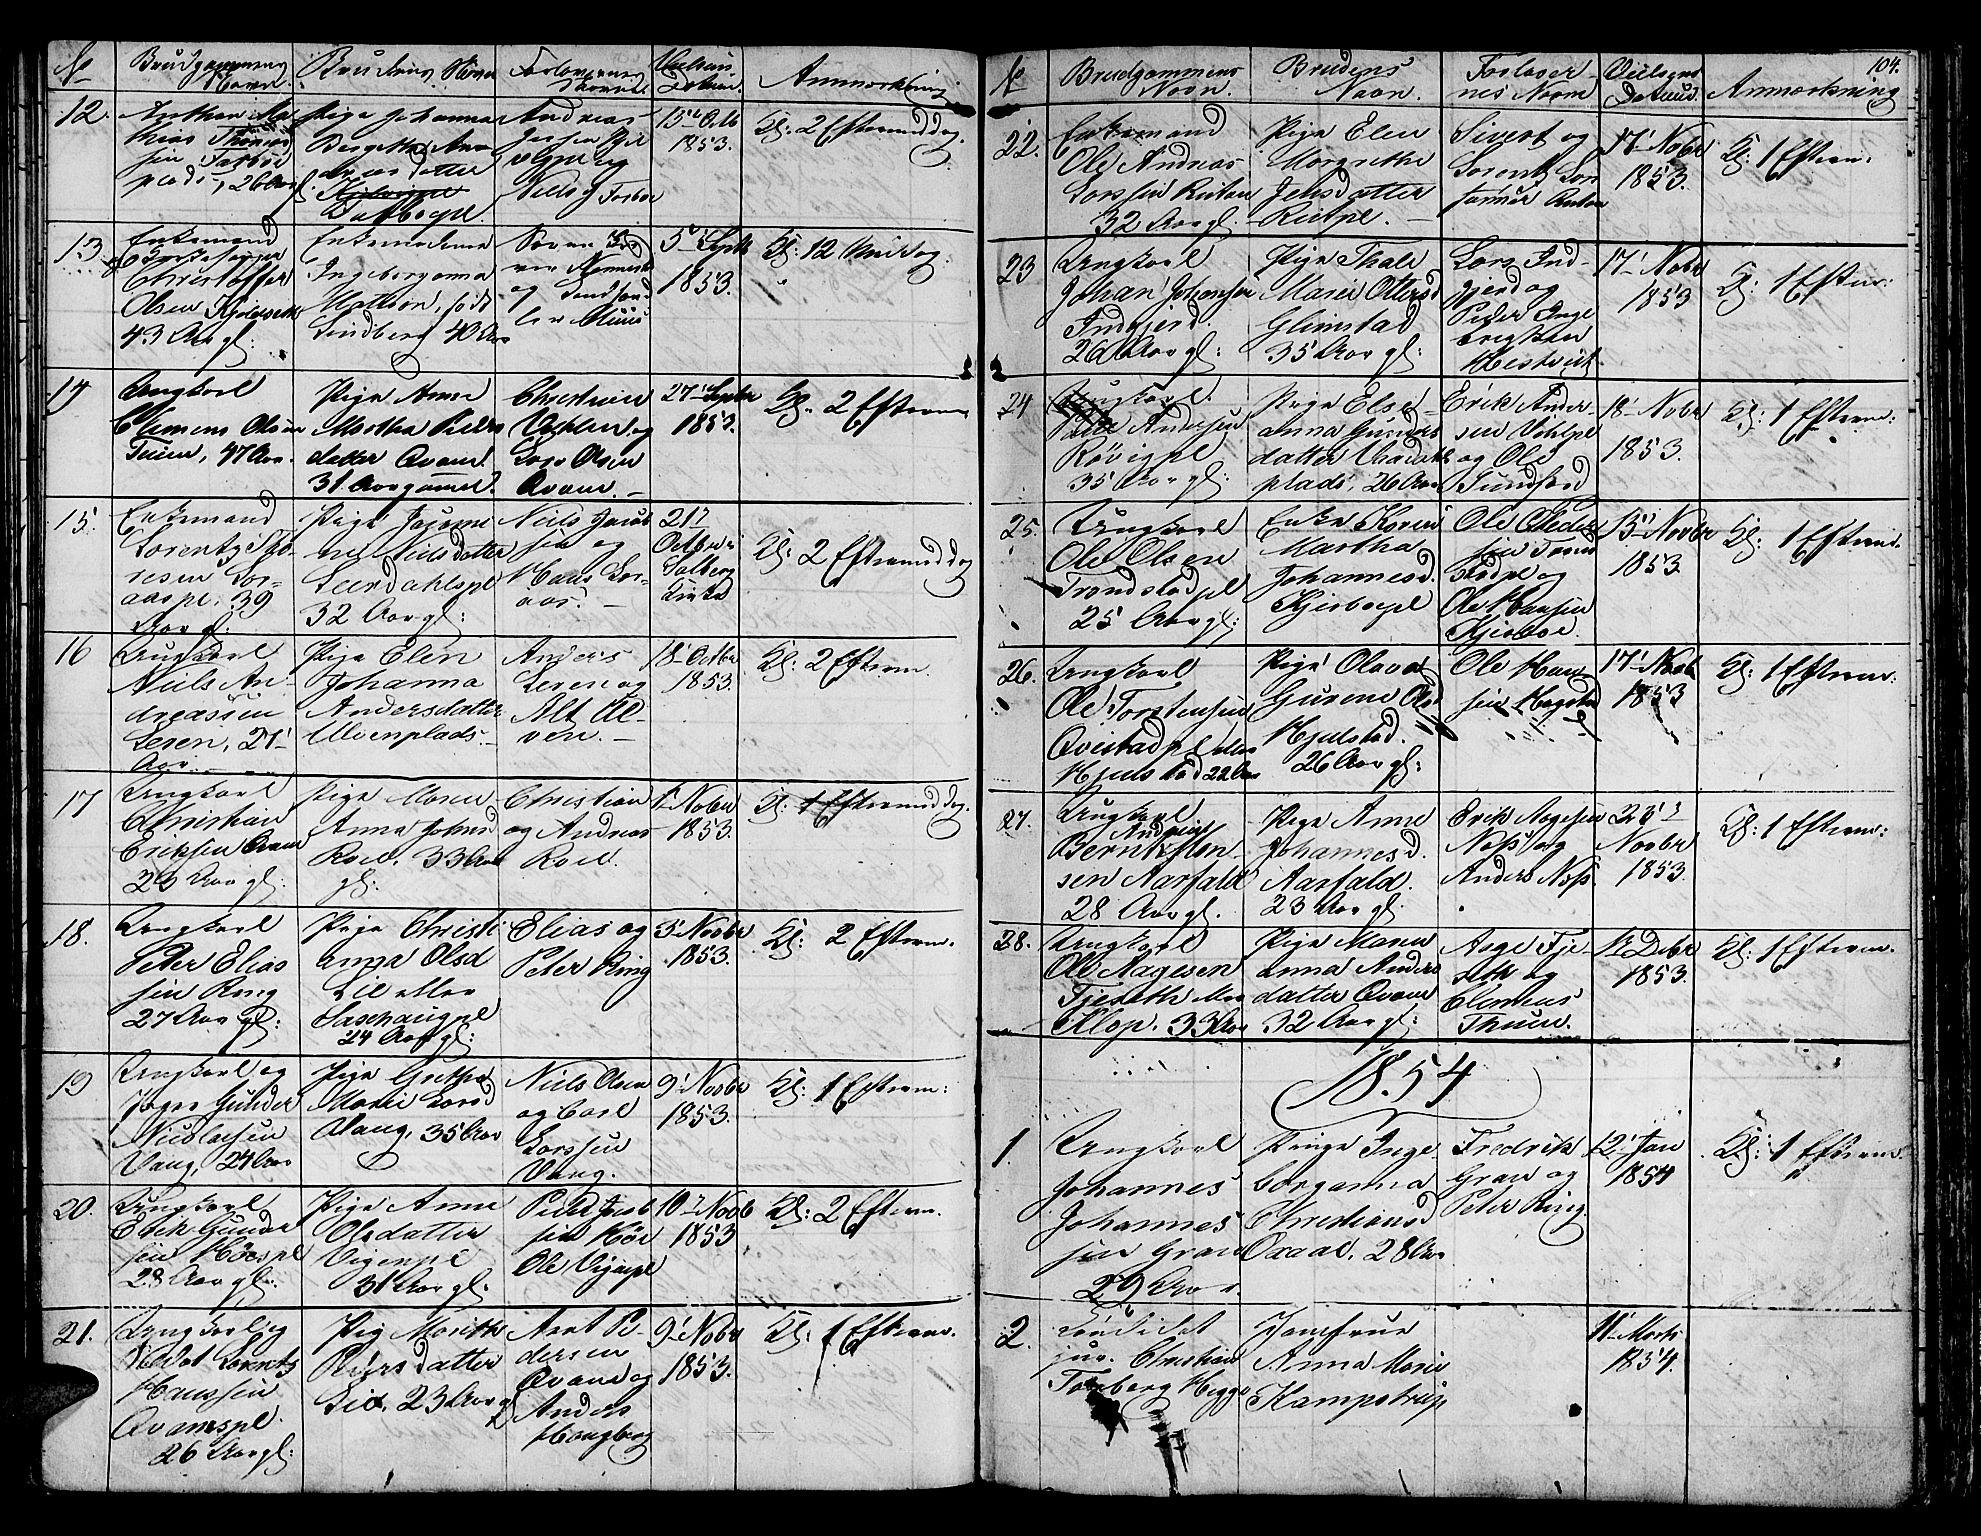 SAT, Ministerialprotokoller, klokkerbøker og fødselsregistre - Nord-Trøndelag, 730/L0299: Klokkerbok nr. 730C02, 1849-1871, s. 104